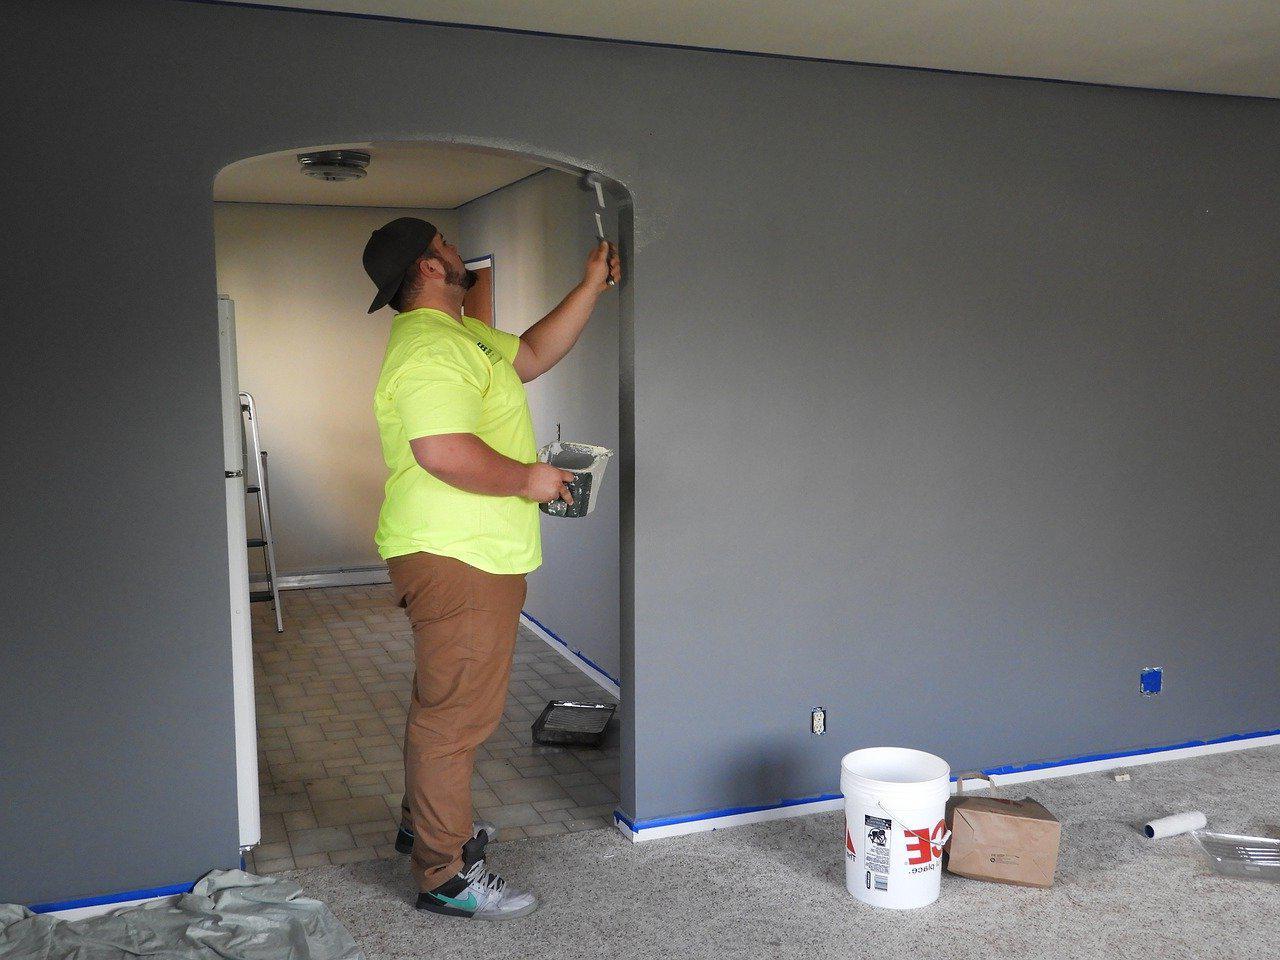 Rénover une maison à Caudry 59540 | Entreprises de rénovation